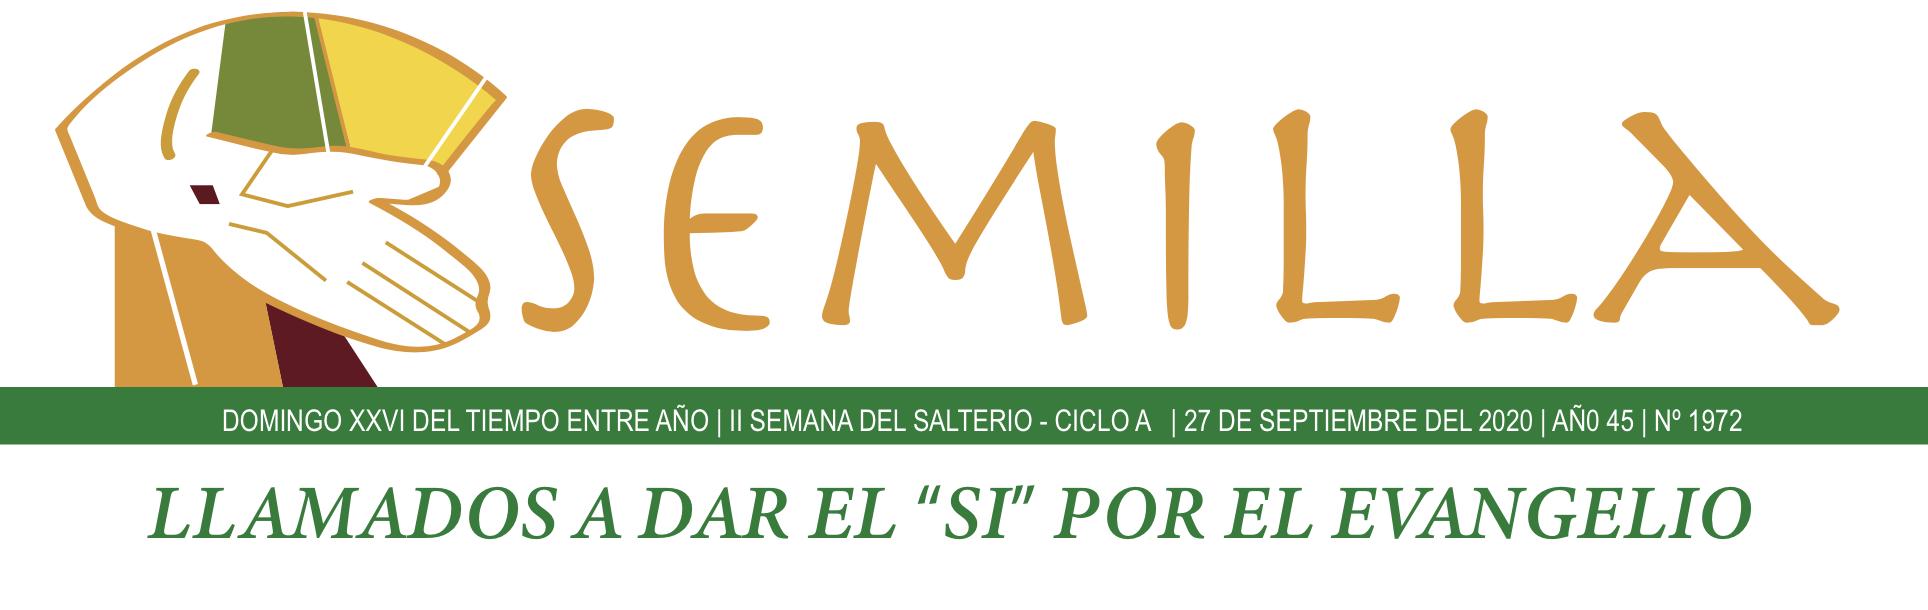 Semilla - 27 de septiembre de 2020